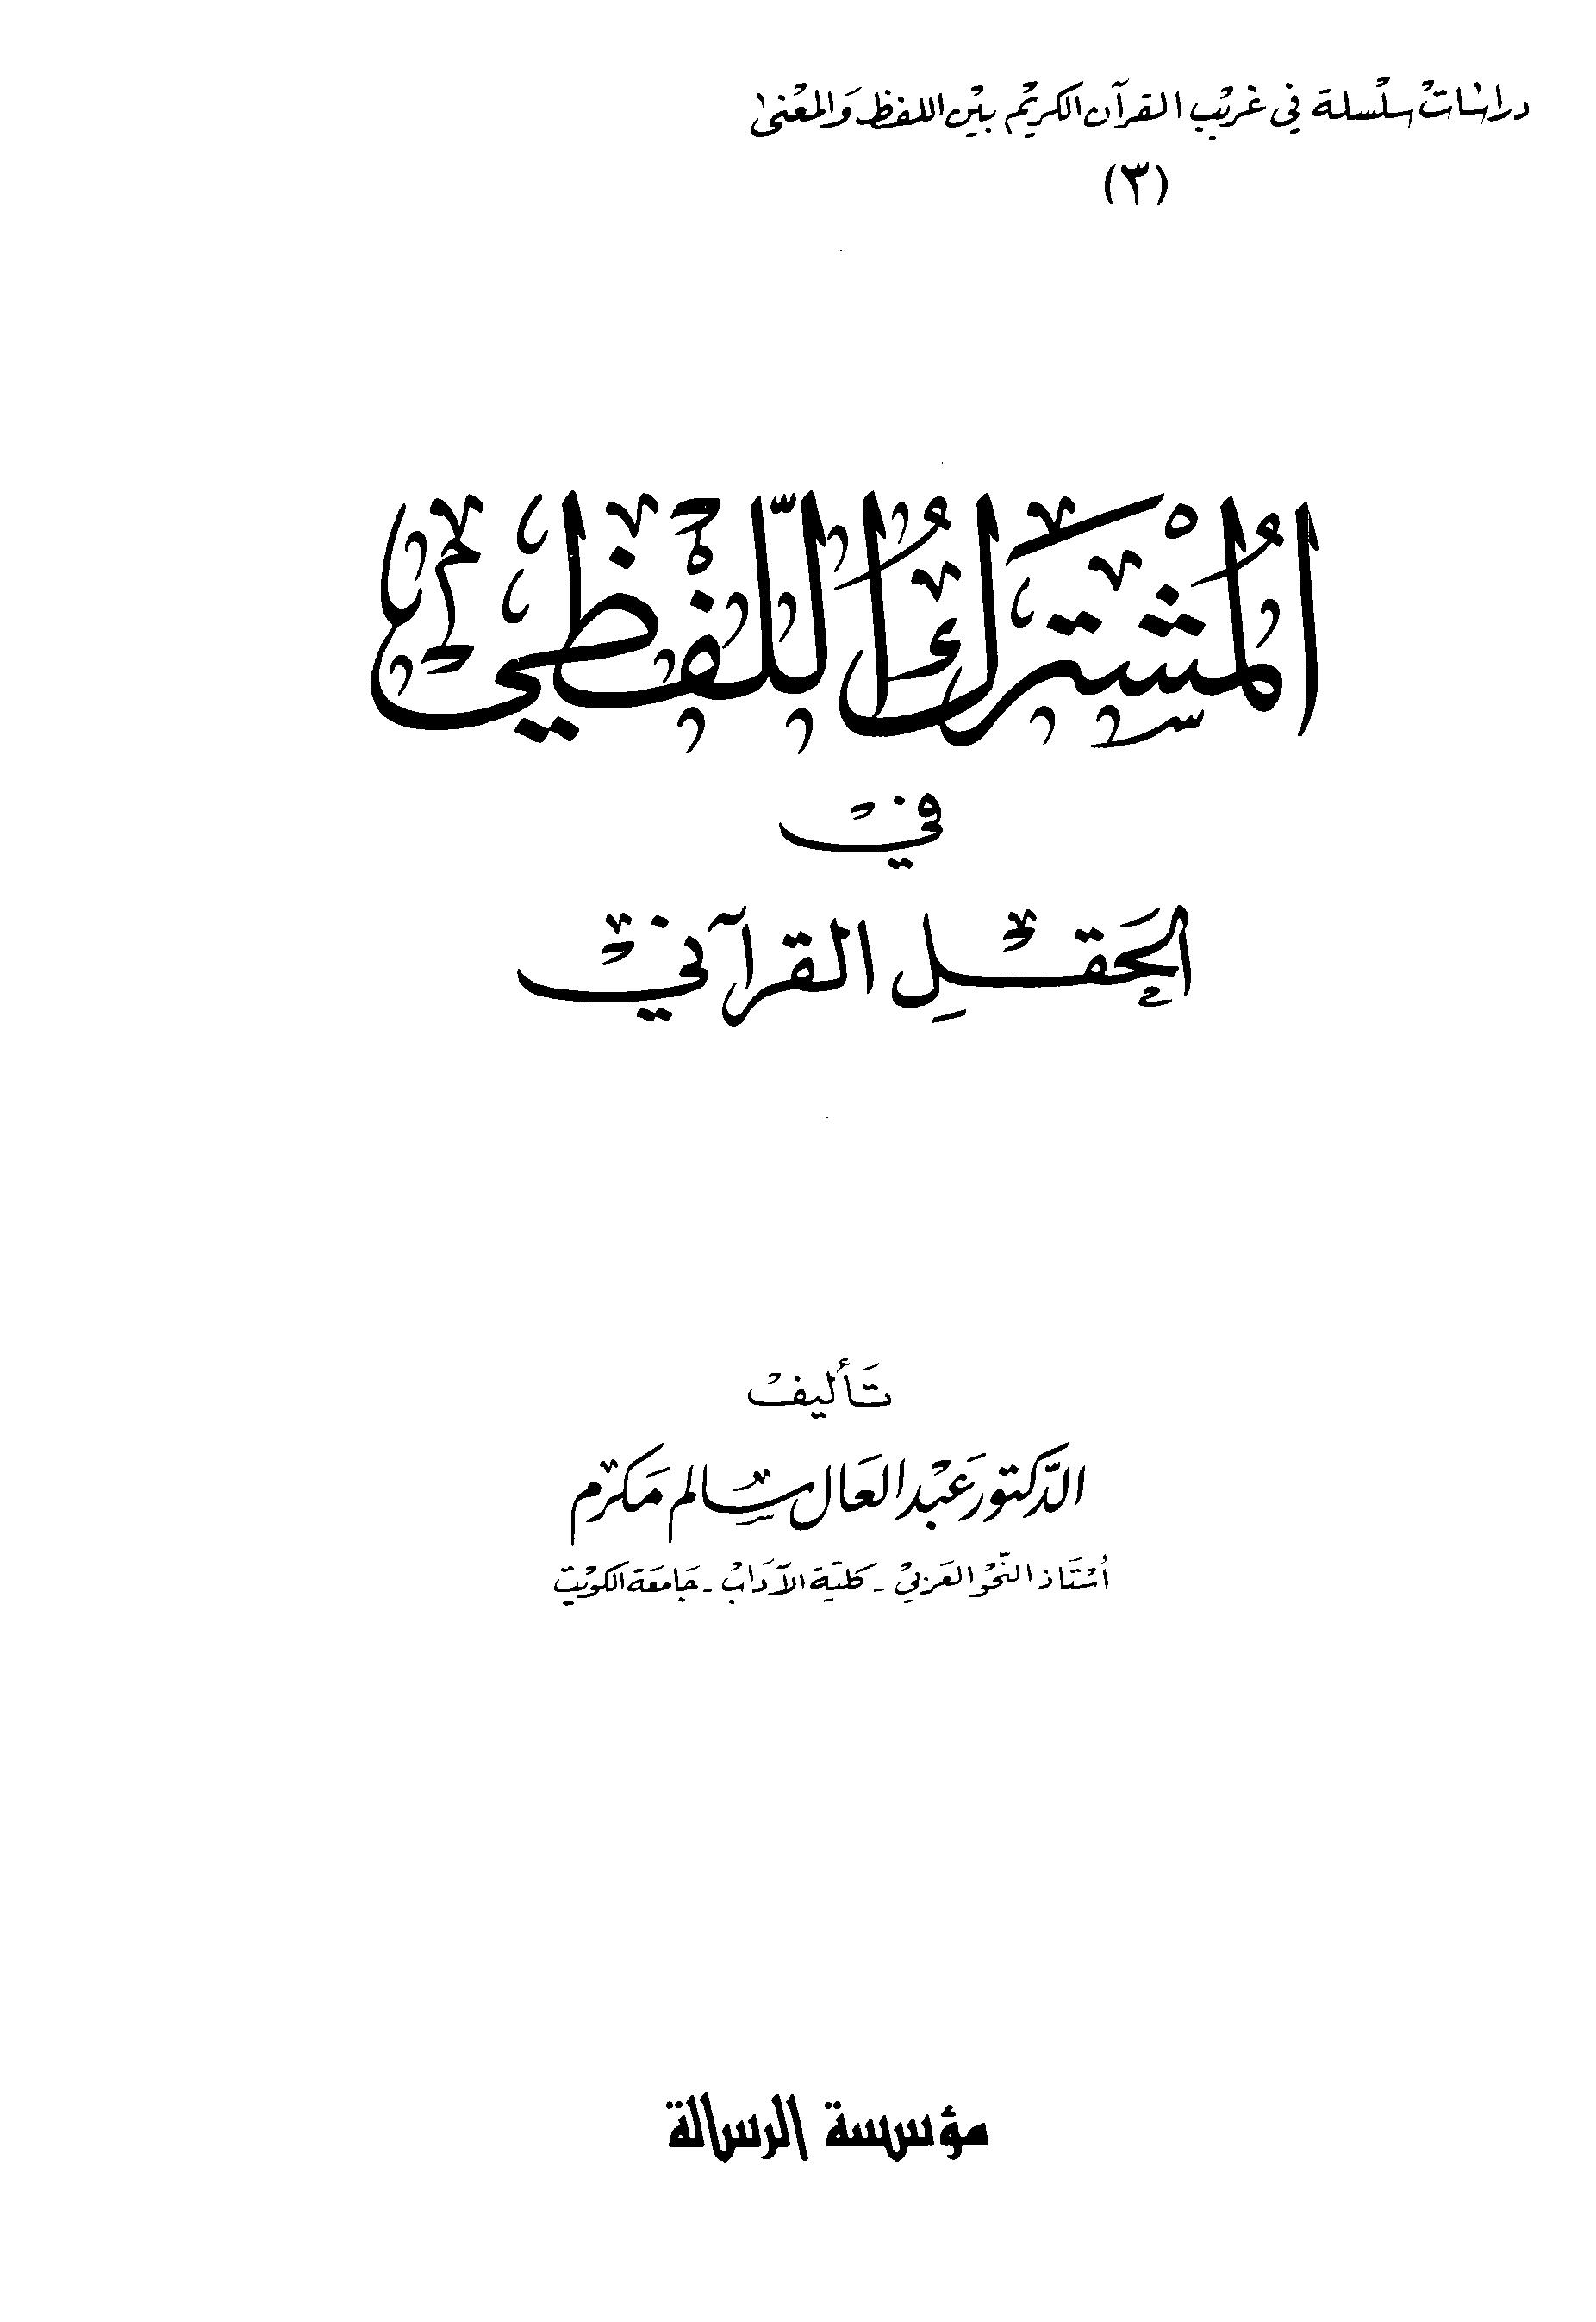 تحميل كتاب المشترك اللفظي في الحقل القرآني لـِ: الدكتور عبد العال سالم مكرم